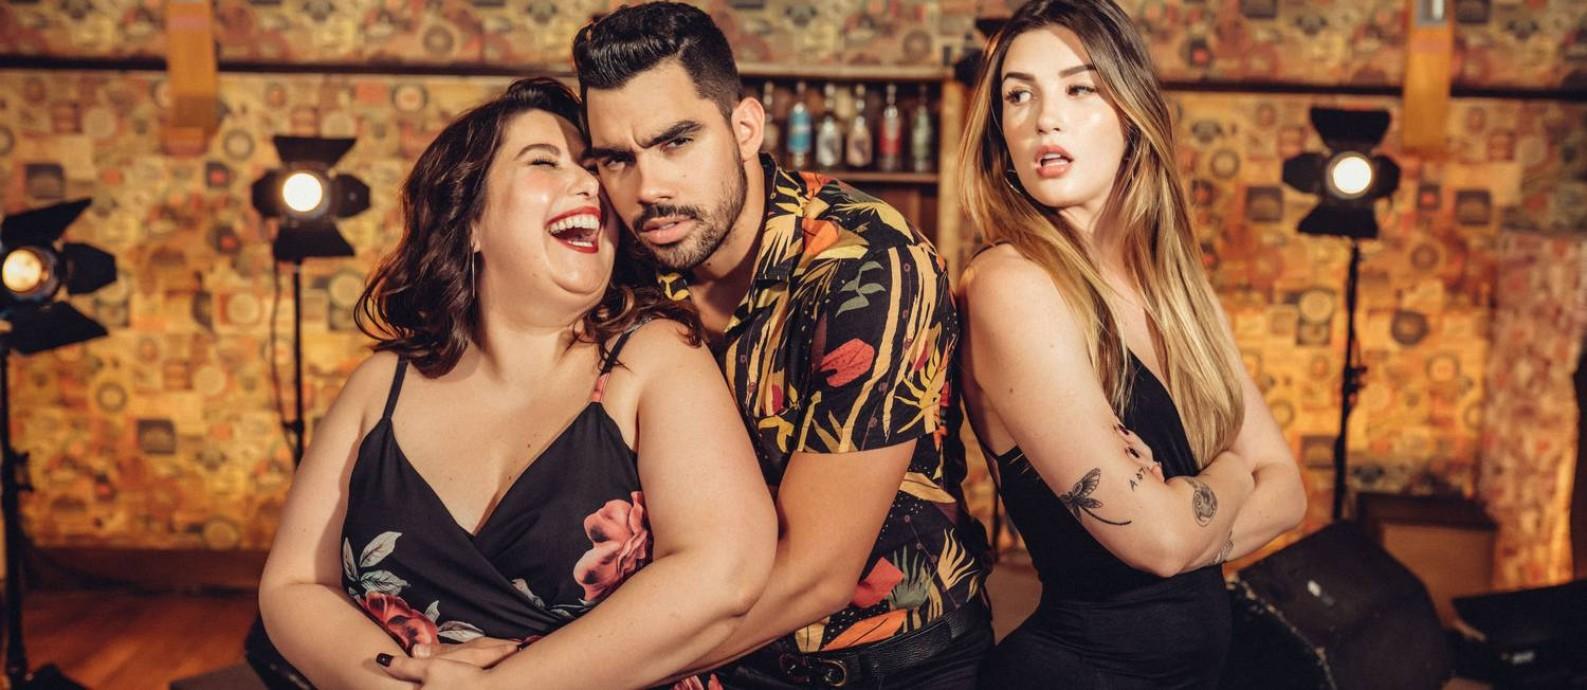 O cantor Gabriel Diniz entre Mariana Xavier e Aline Goldschlag, no clipe de 'Jenifer' Foto: Divulgação